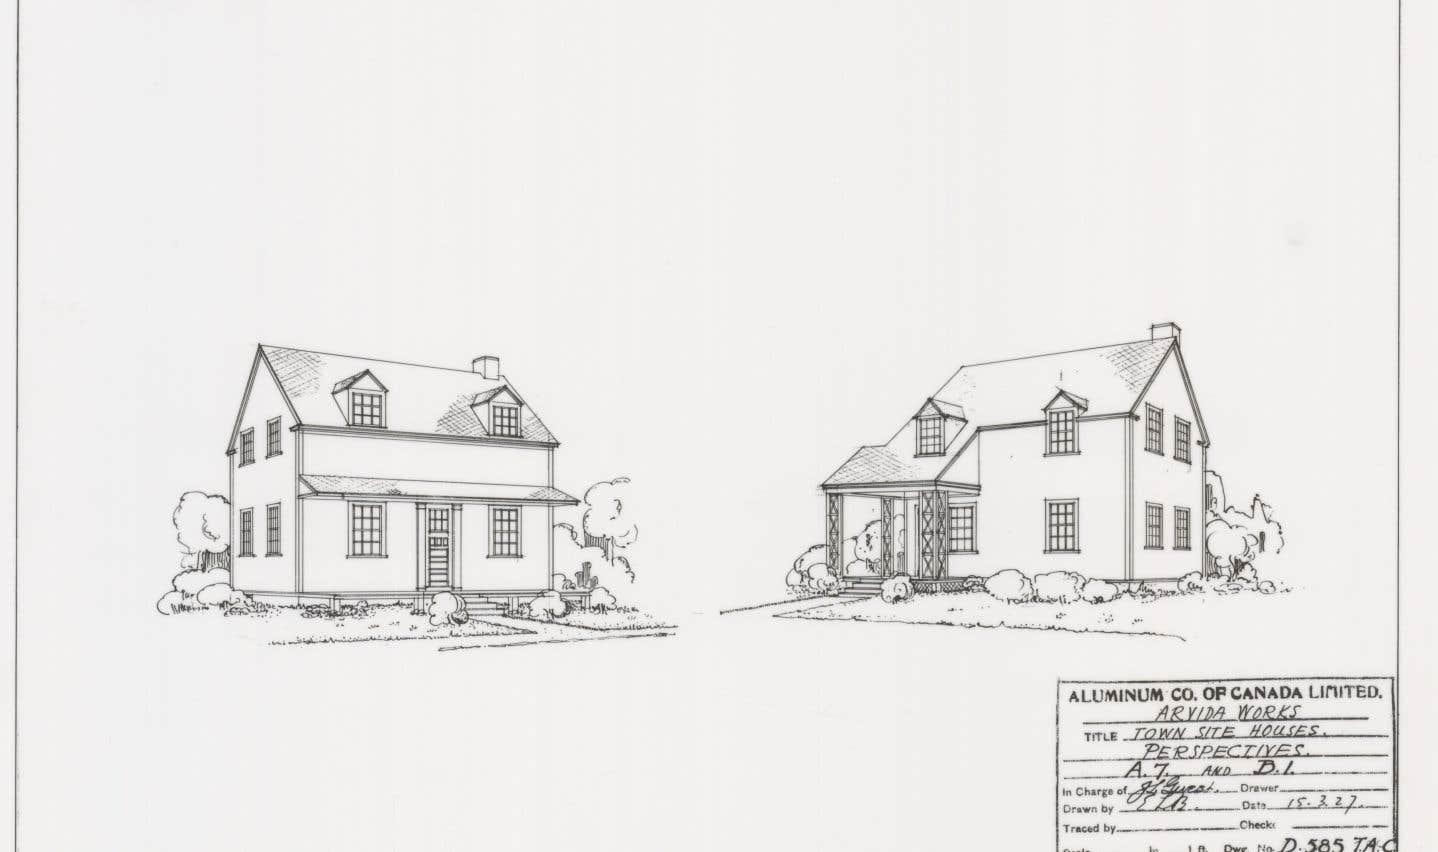 L'entreprise fait construire plus de 100 modèles distincts pour les 2000 résidences que doit compter la ville. Du jamais vu. Les concepteurs créent des modèles inspirés de la maison canadienne et permutent certains motifs architecturaux pour qu'on puisse les distinguer.